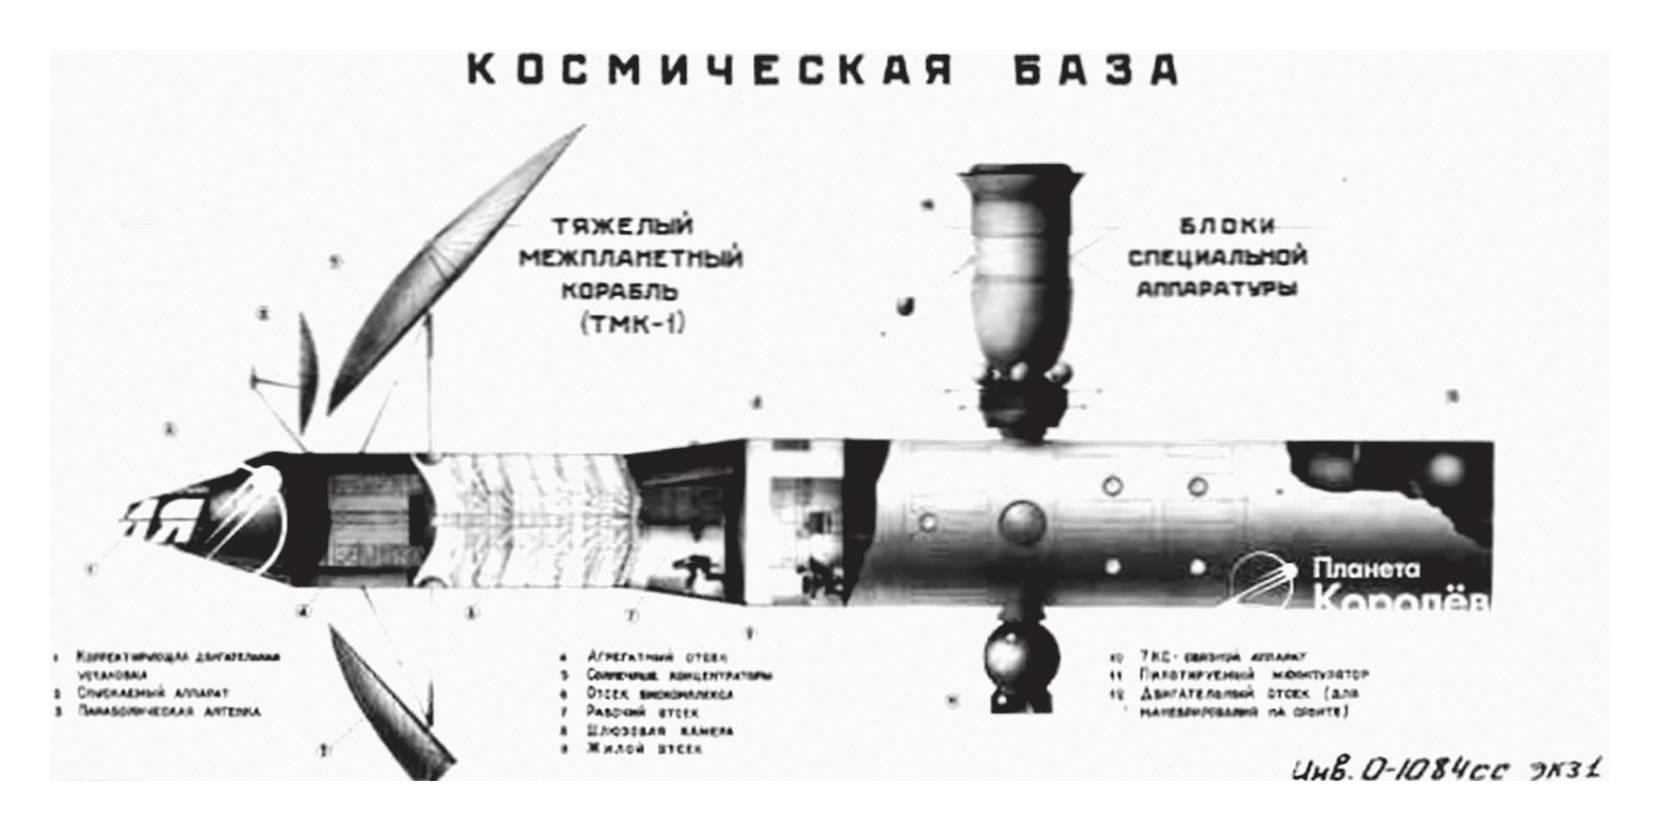 Рис. 1. Космическая база С. П. Королева